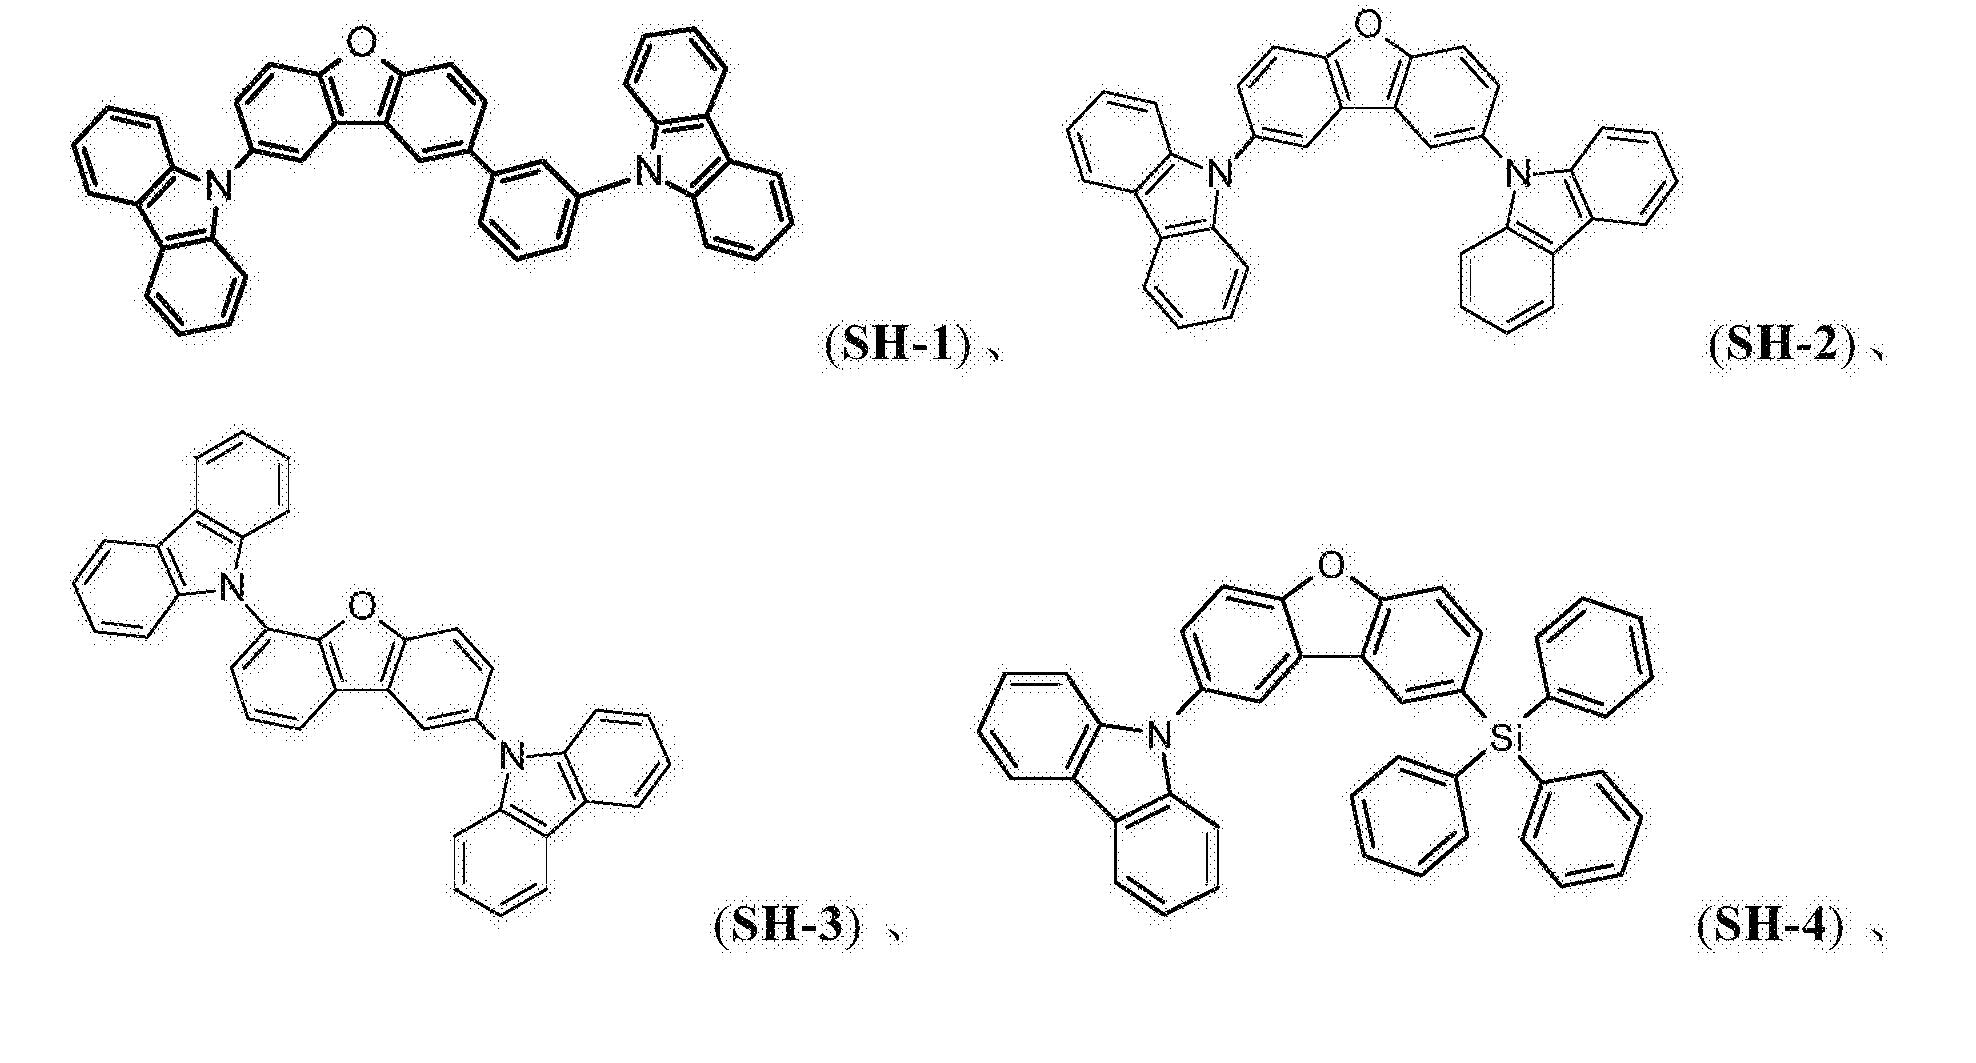 Figure CN107735880AC00123